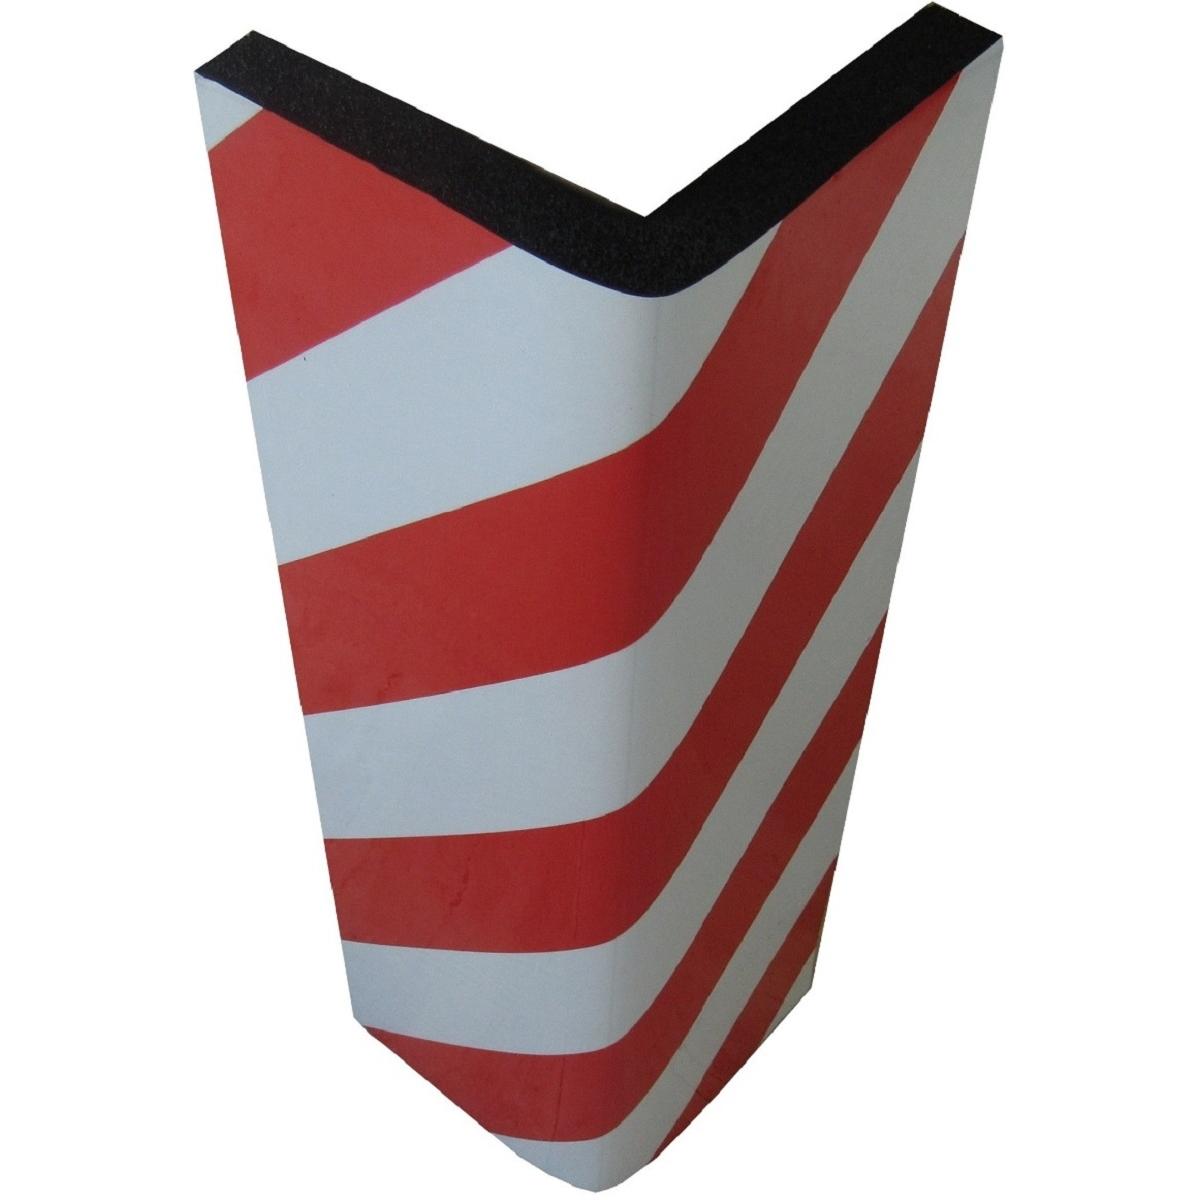 Αυτοκόλλητο αφρώδες προστατευτικό γωνιών και τοίχων γκαράζ με κόκκινες και λευκές ανακλαστικές λωρίδ